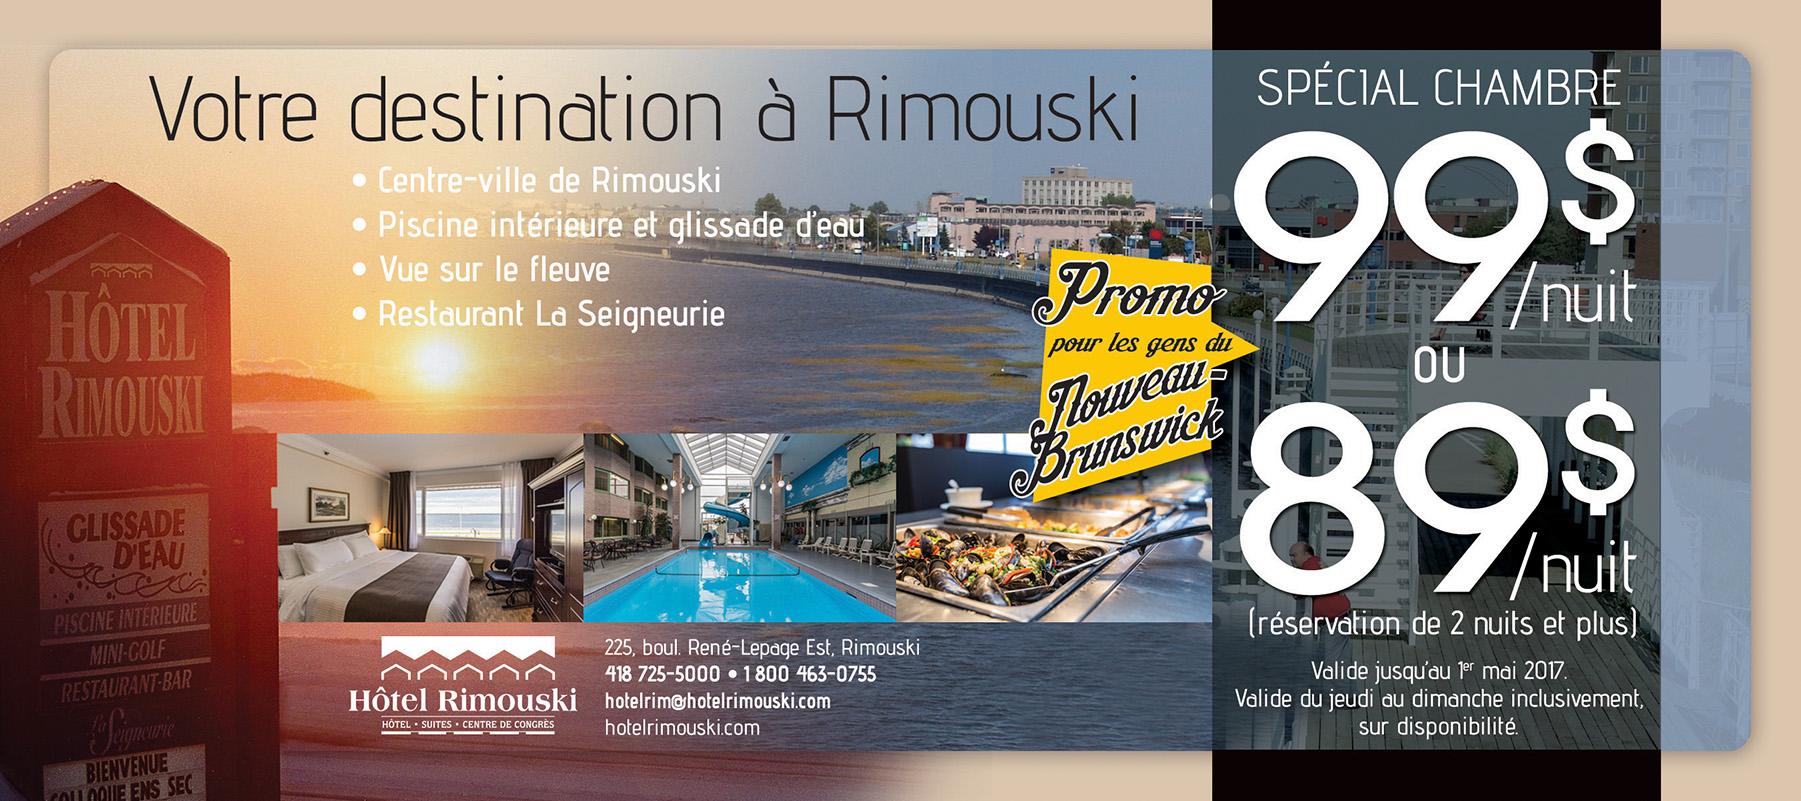 Promo gens du Nouveau-Brunswick | Hôtel Rimouski